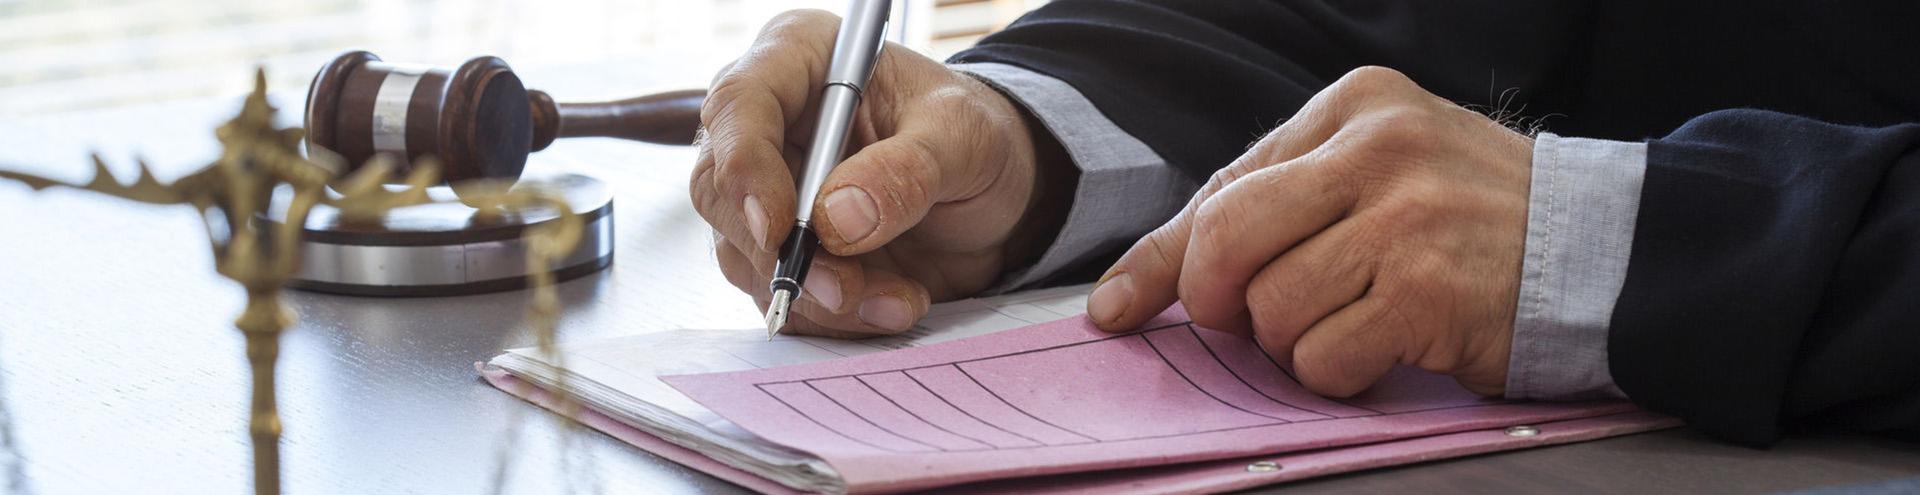 розыск должника в исполнительном производстве в Калуге